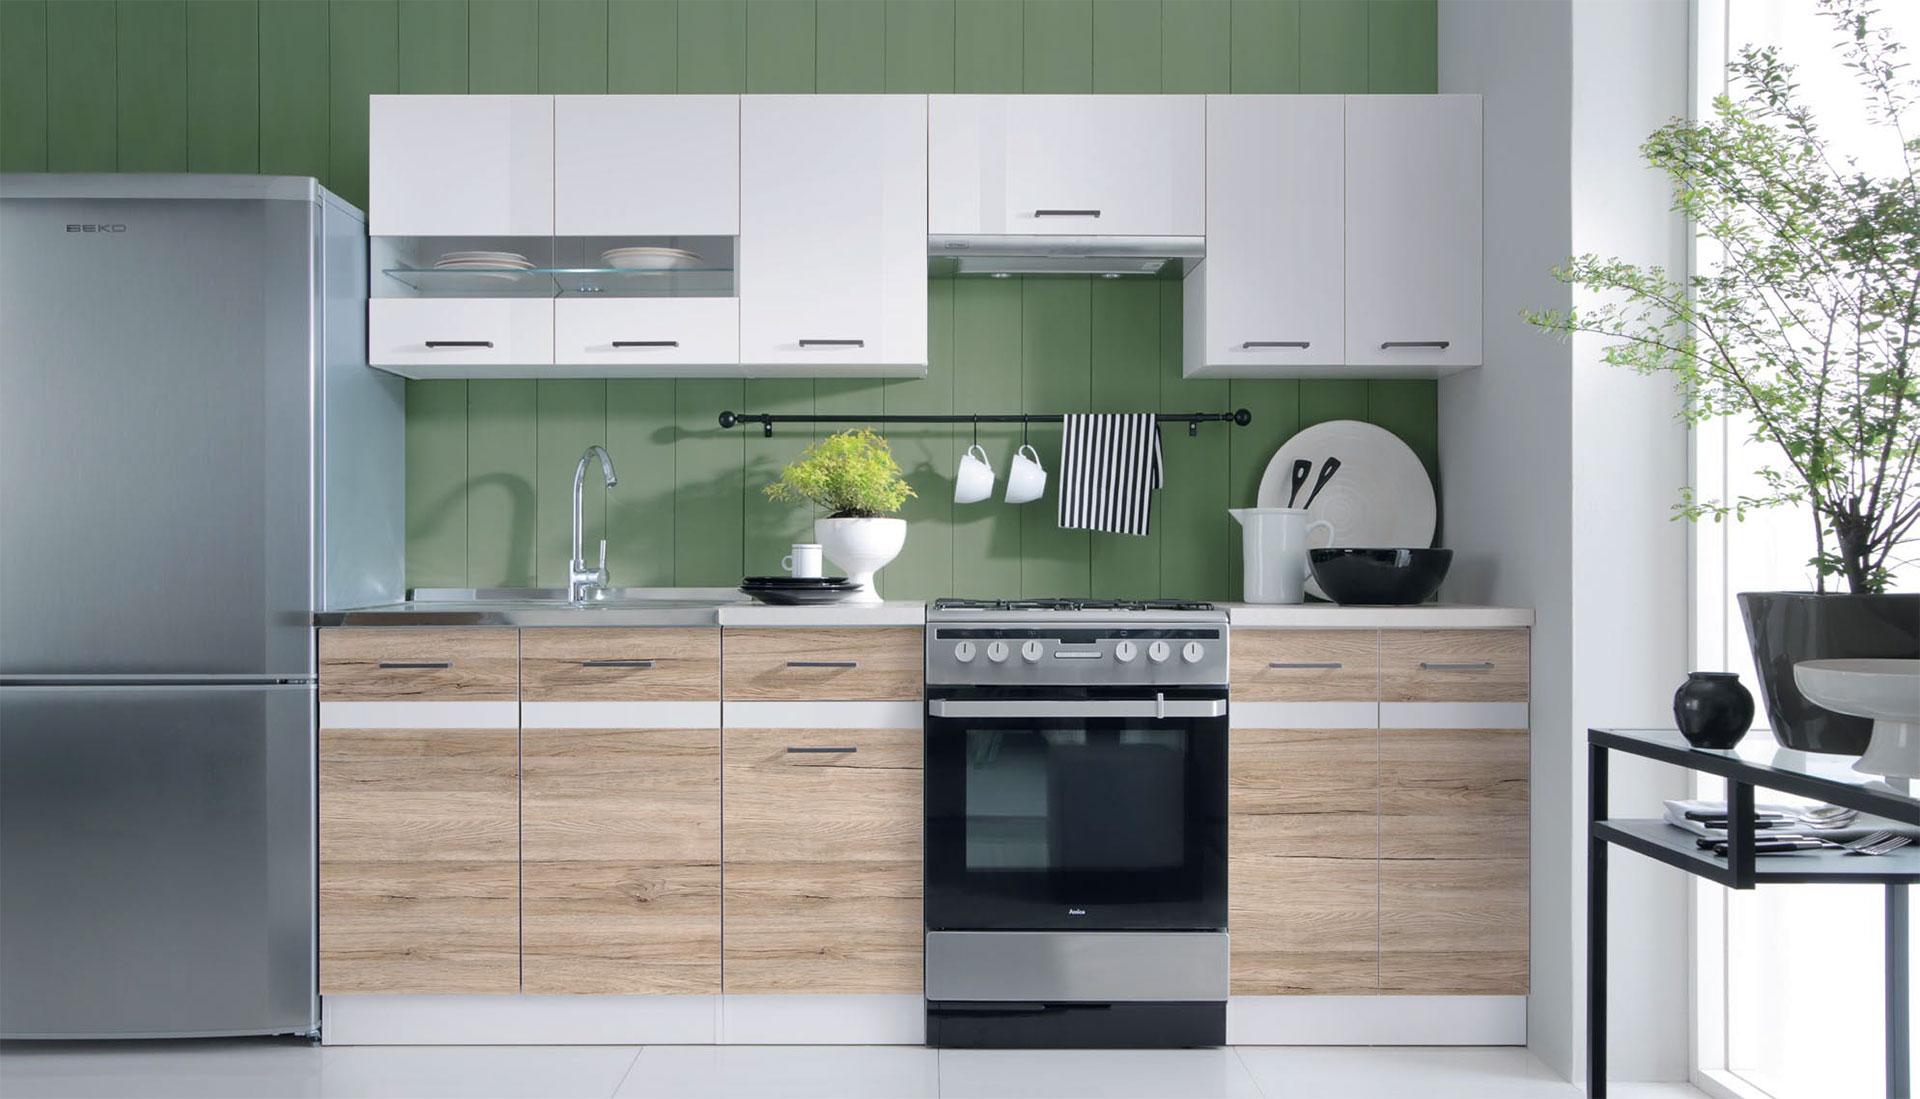 Küchen Frontfarbe SANREMO EICHE, WEISS - Junona Line | FIWODO.de Ihr ...